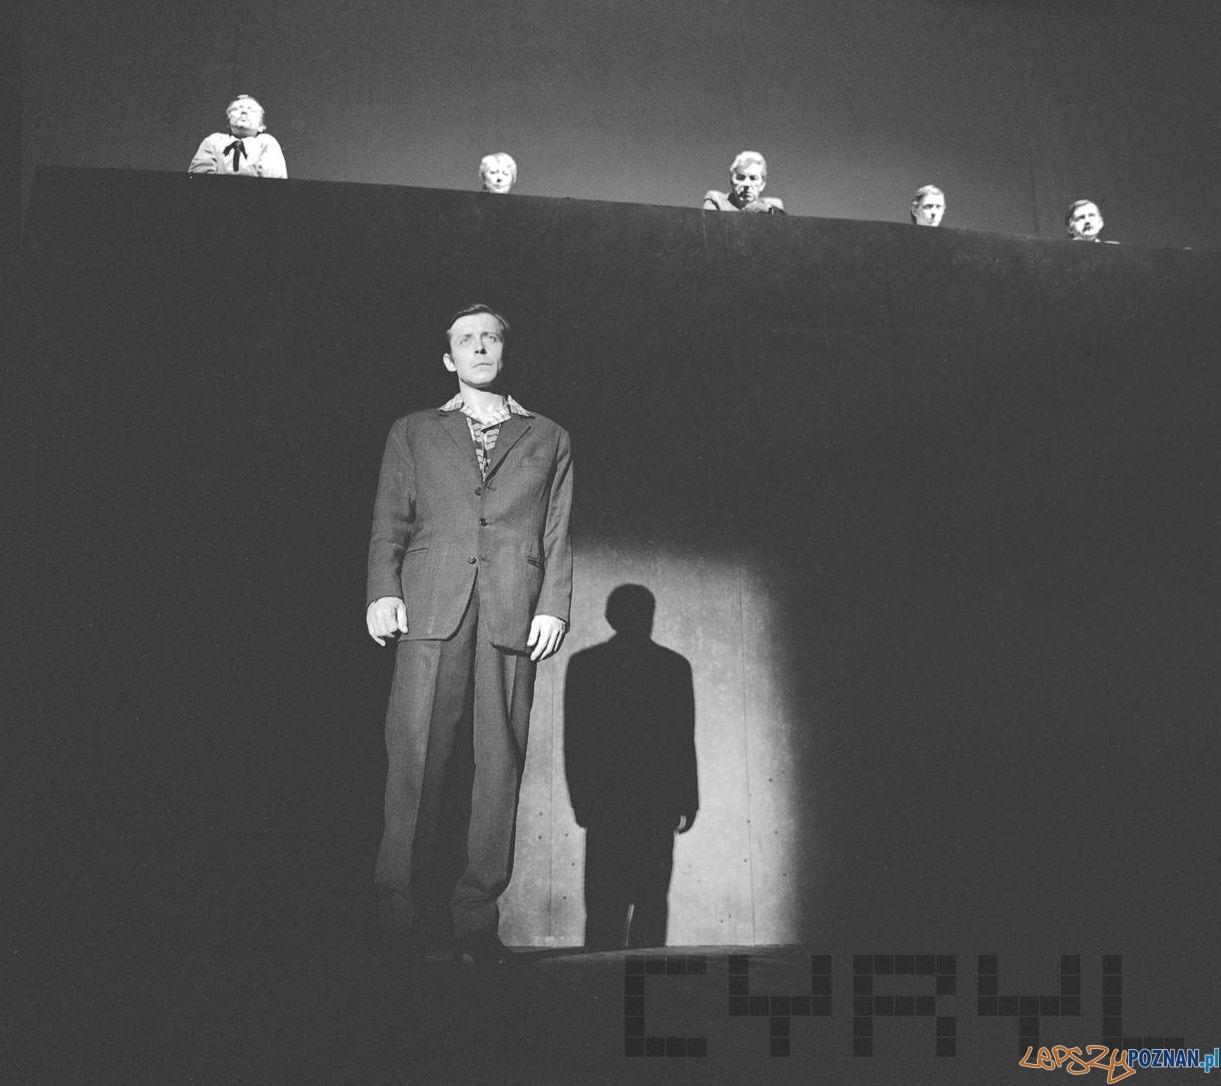 Lech Łotocki w spektaklu Oskarżony: Czerwiec Pięćdziesiątsześć w Teatrze Polskim - czerwiec 1980